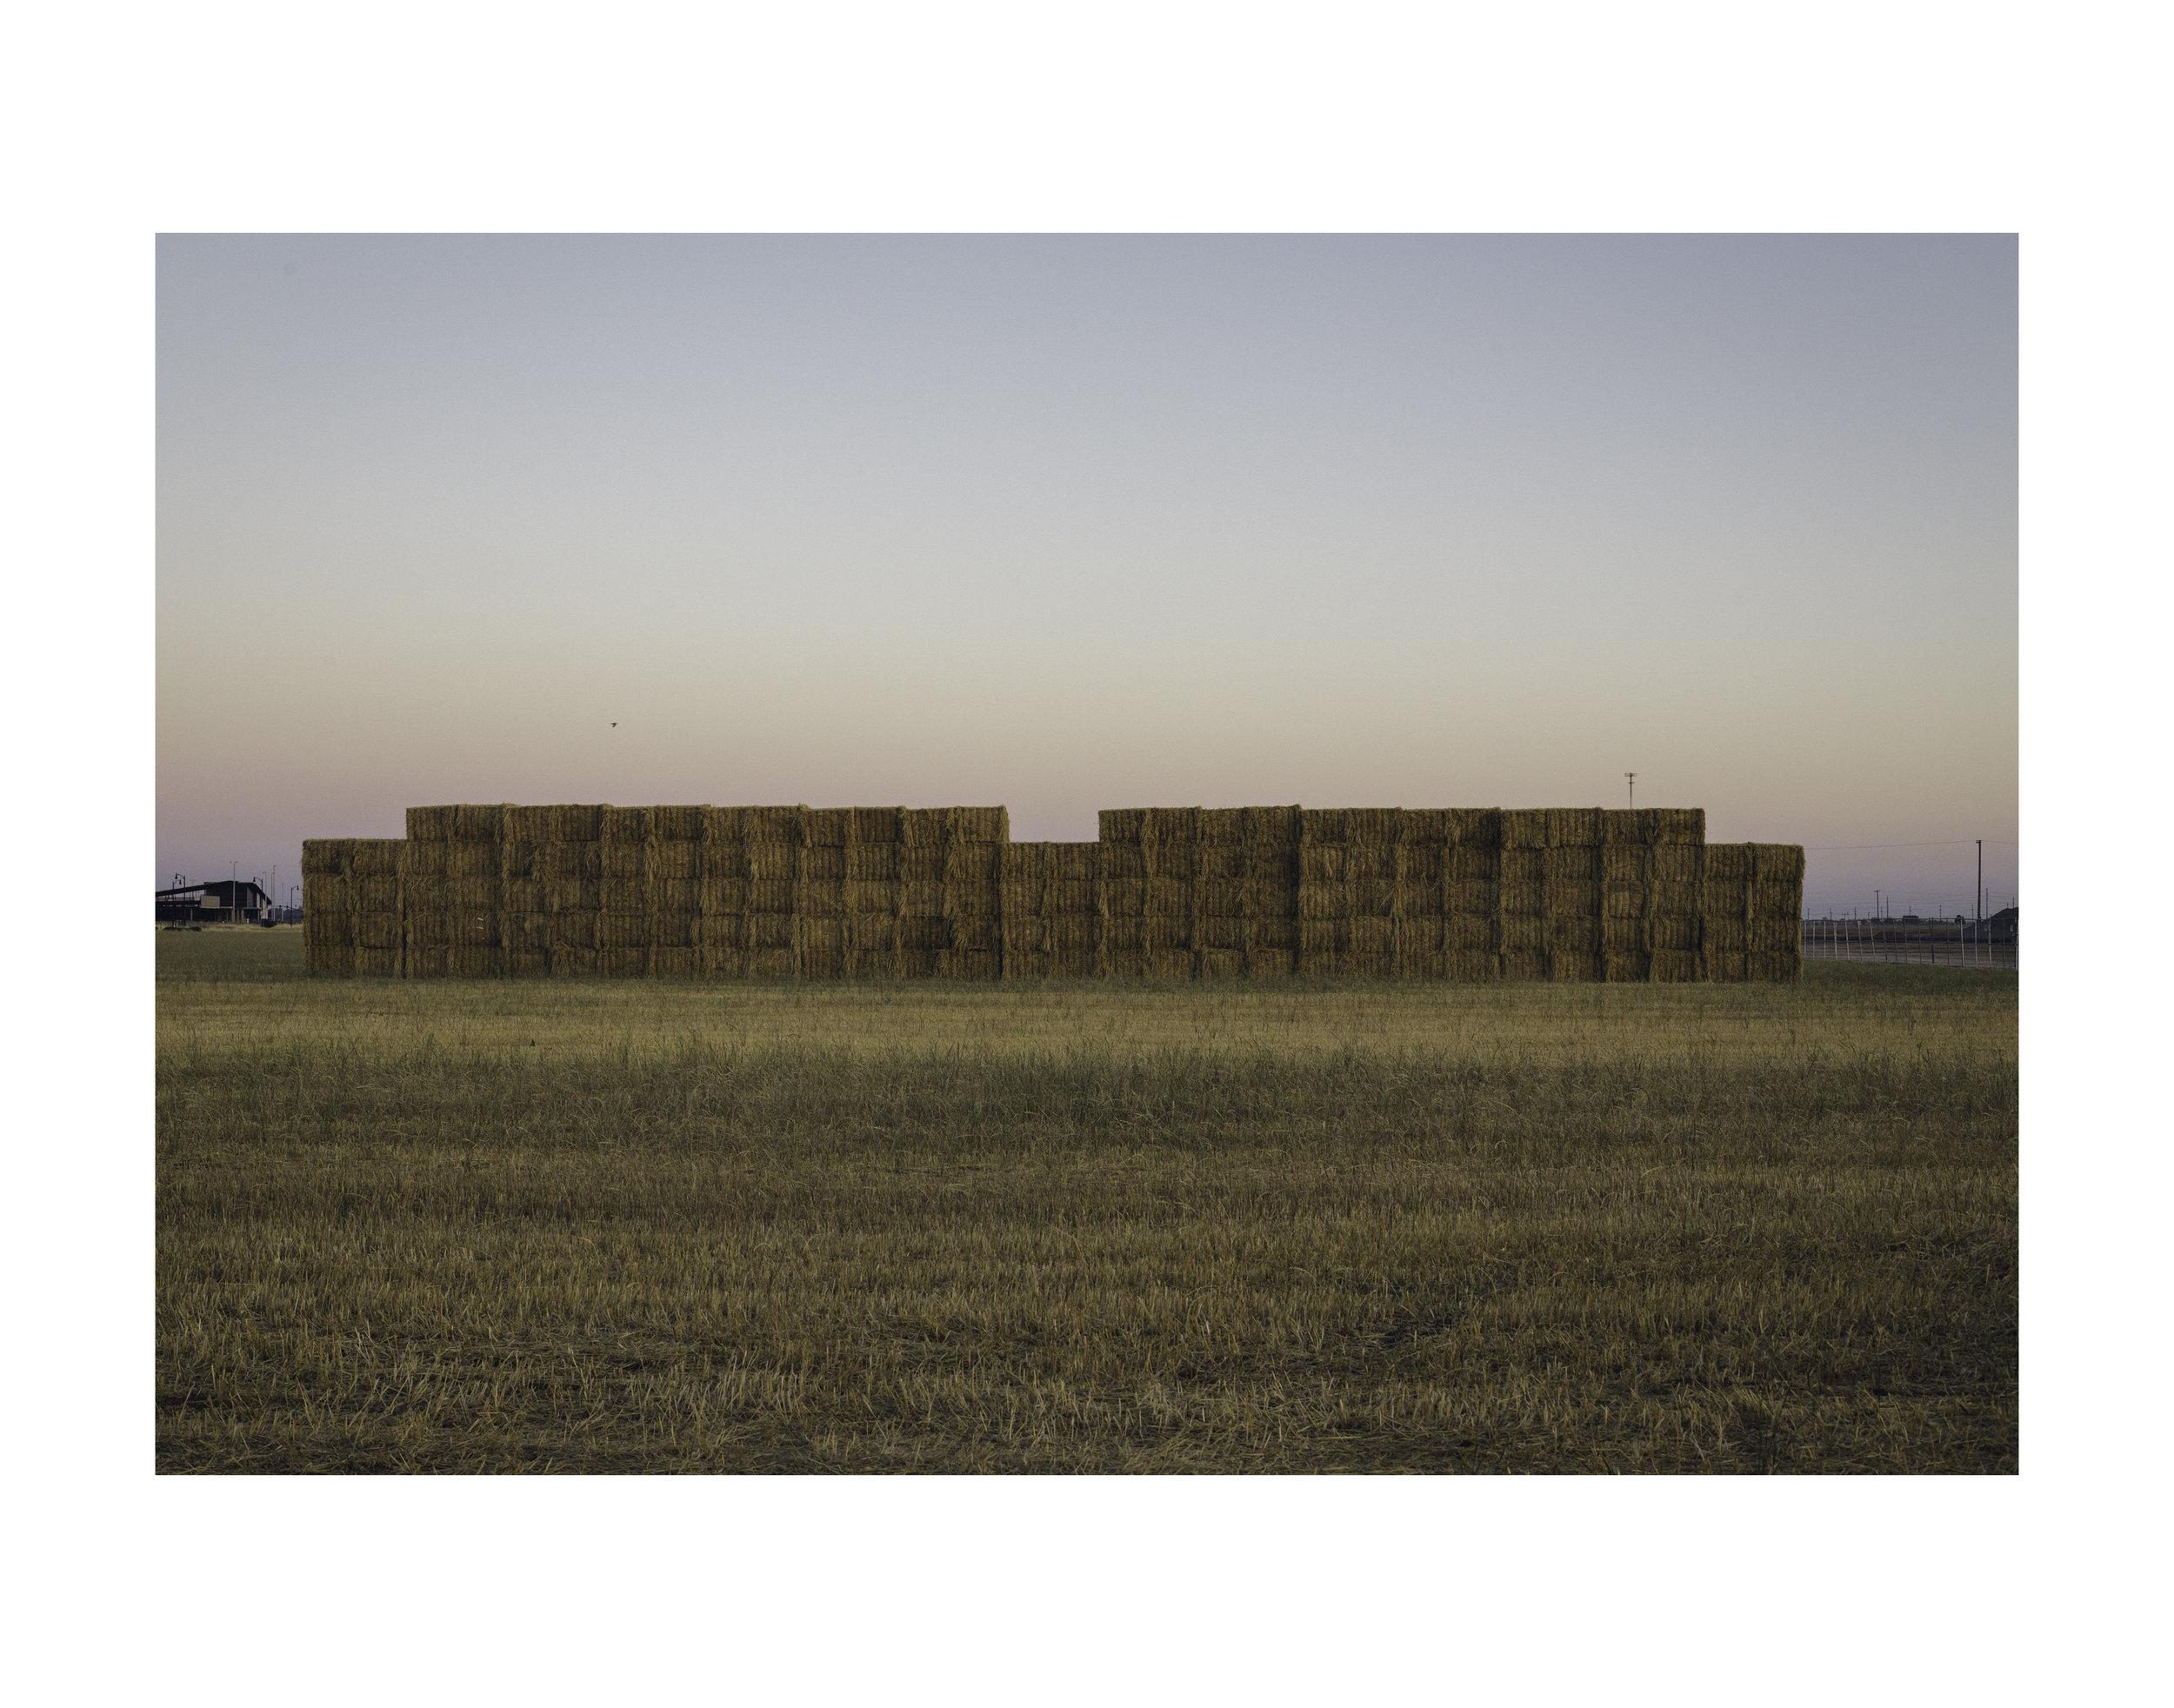 Agrarian Blocks, Elk Grove; 2017